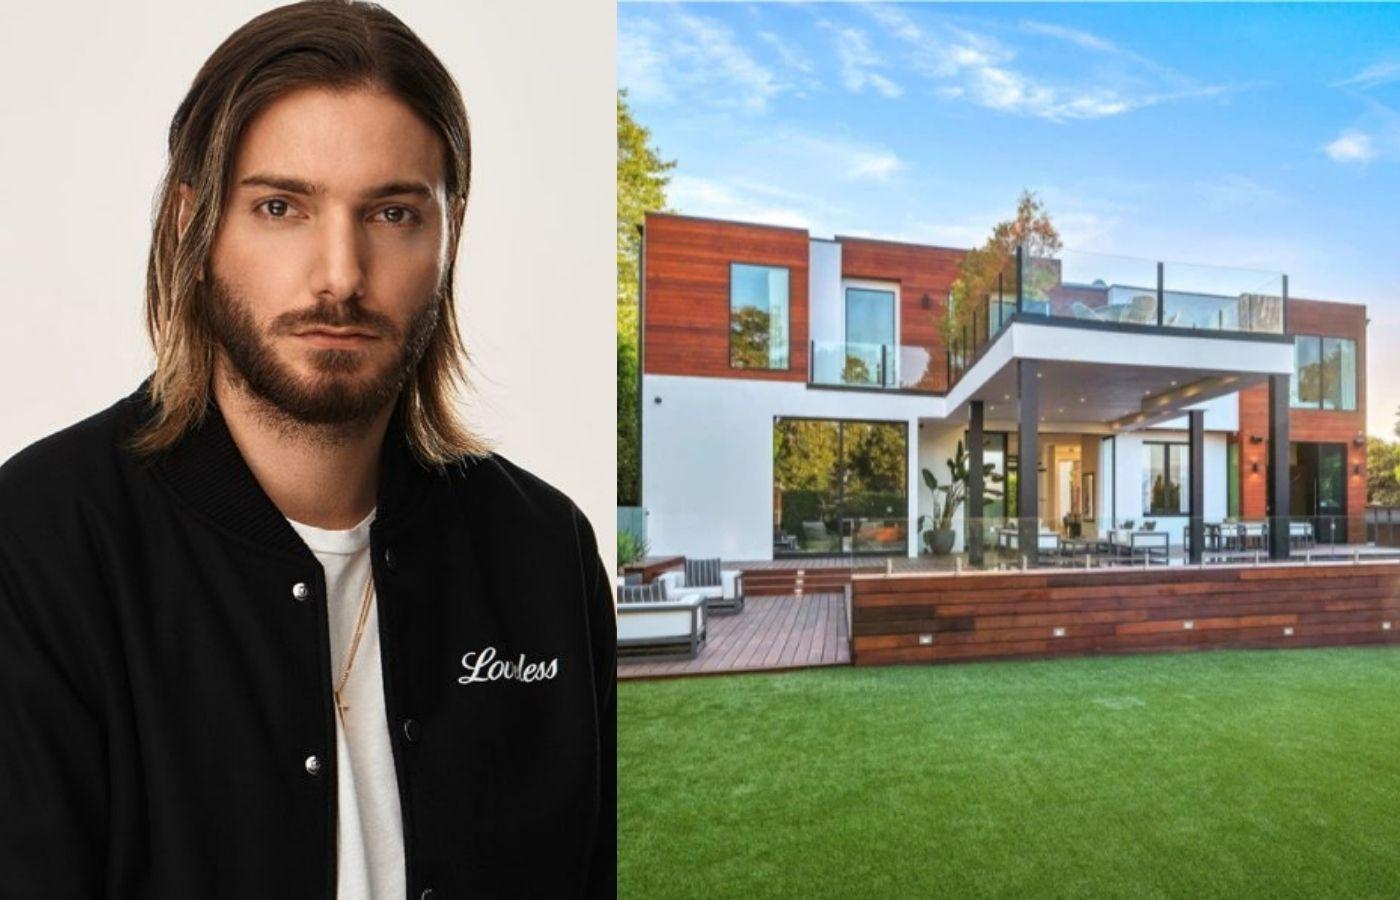 Una mansión de Alesso sale al mercado en unos 6.5 millones de dólares